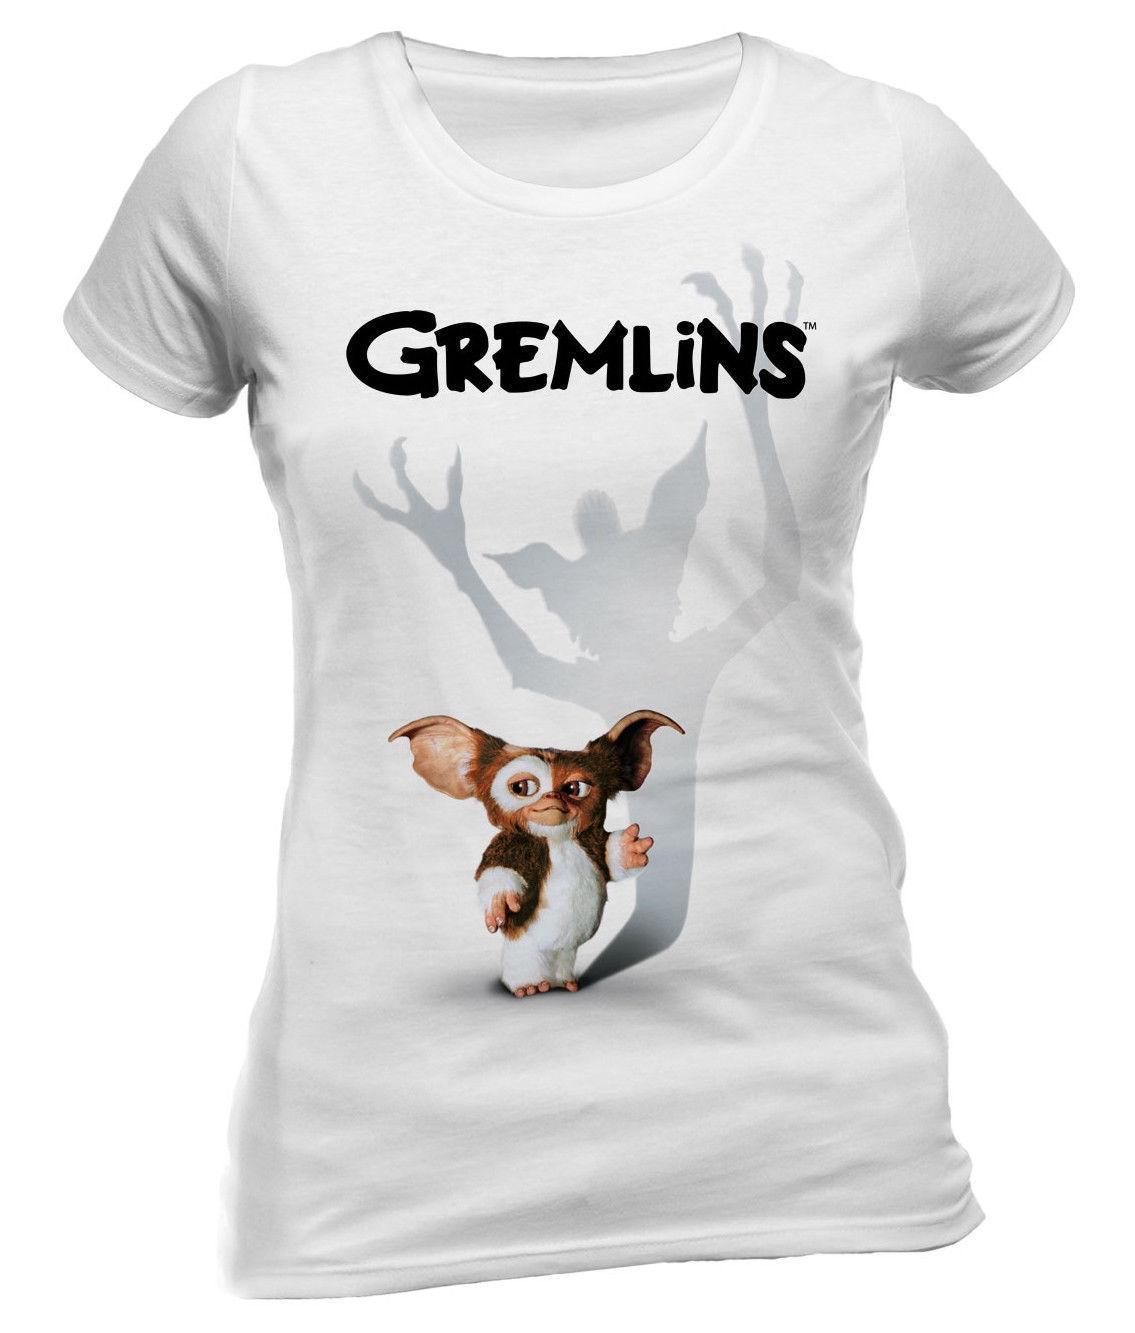 Mujeres OficialHombres 'gizmo Unisex Mujer Para Shadow' Camiseta Gremlins De Gratis Negro ¡nuevo Moda Envío Entallada LqzpUGjSMV